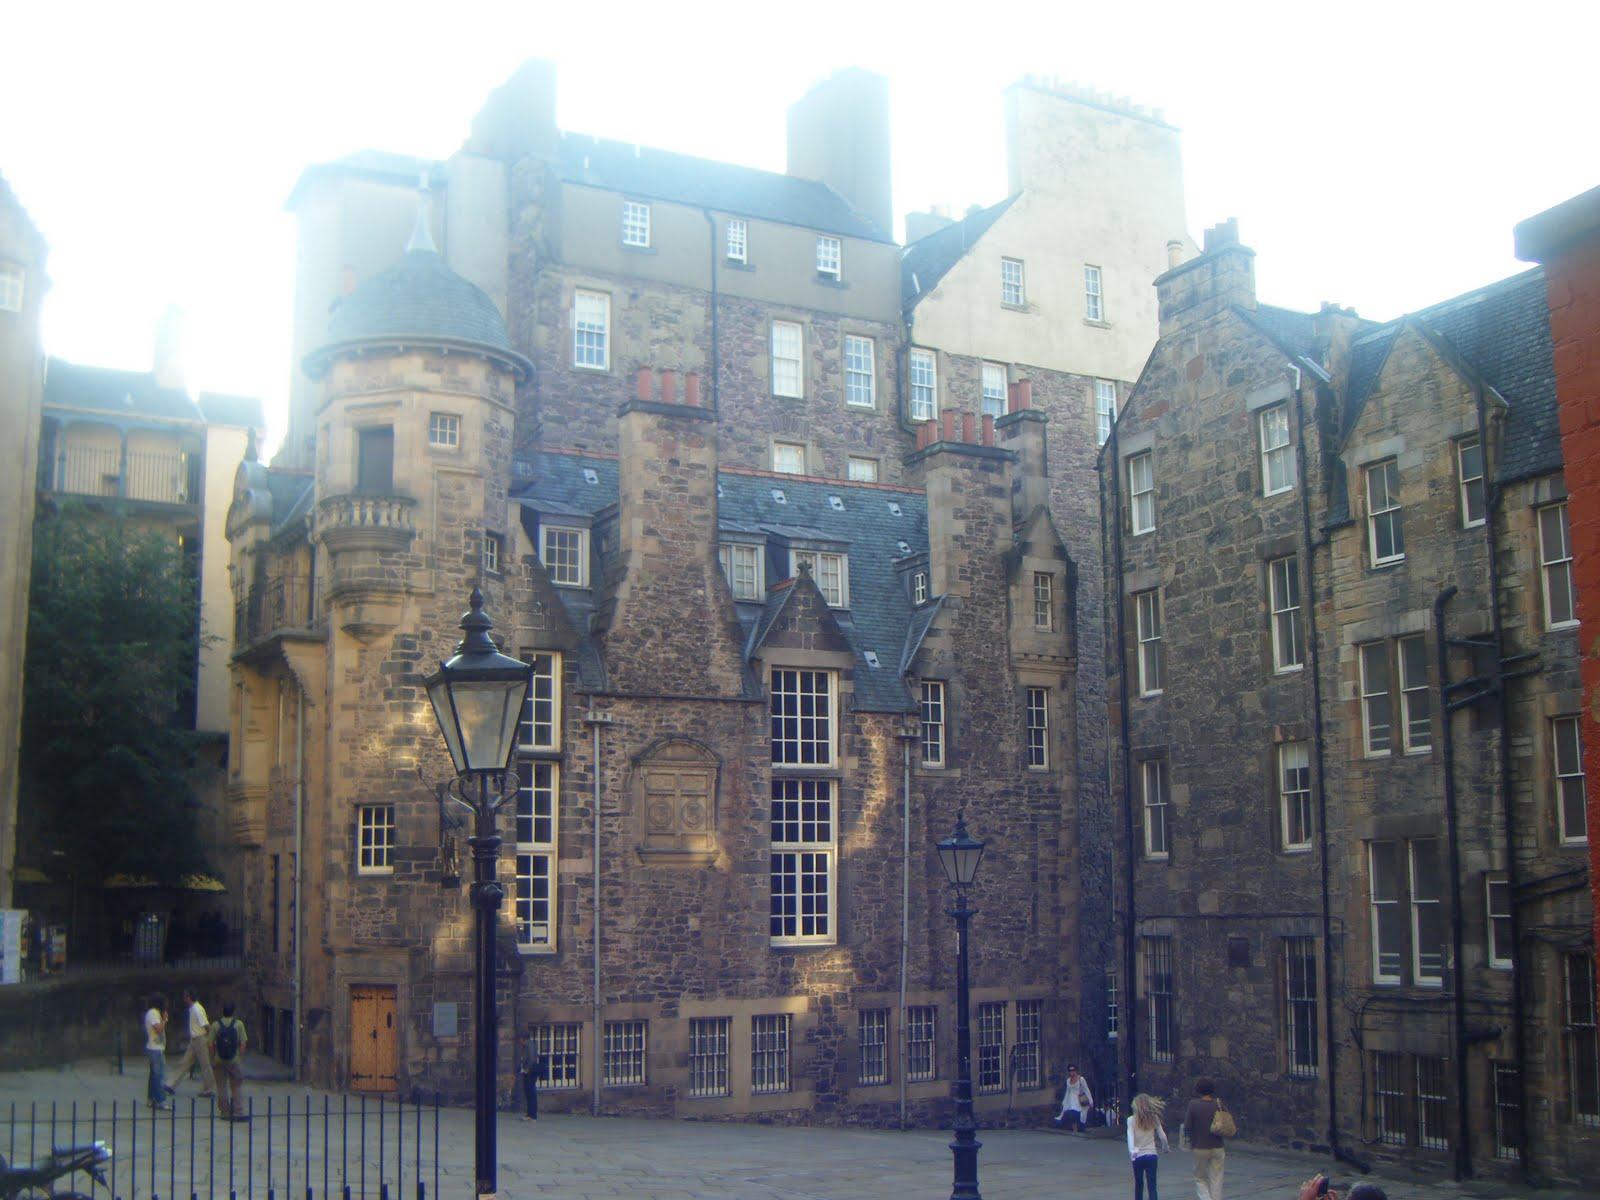 http://3.bp.blogspot.com/_UcIYoiKOLkM/TIOviKnB3JI/AAAAAAAAASQ/DT80UHu8SyY/s1600/Edinburgh+81.JPG